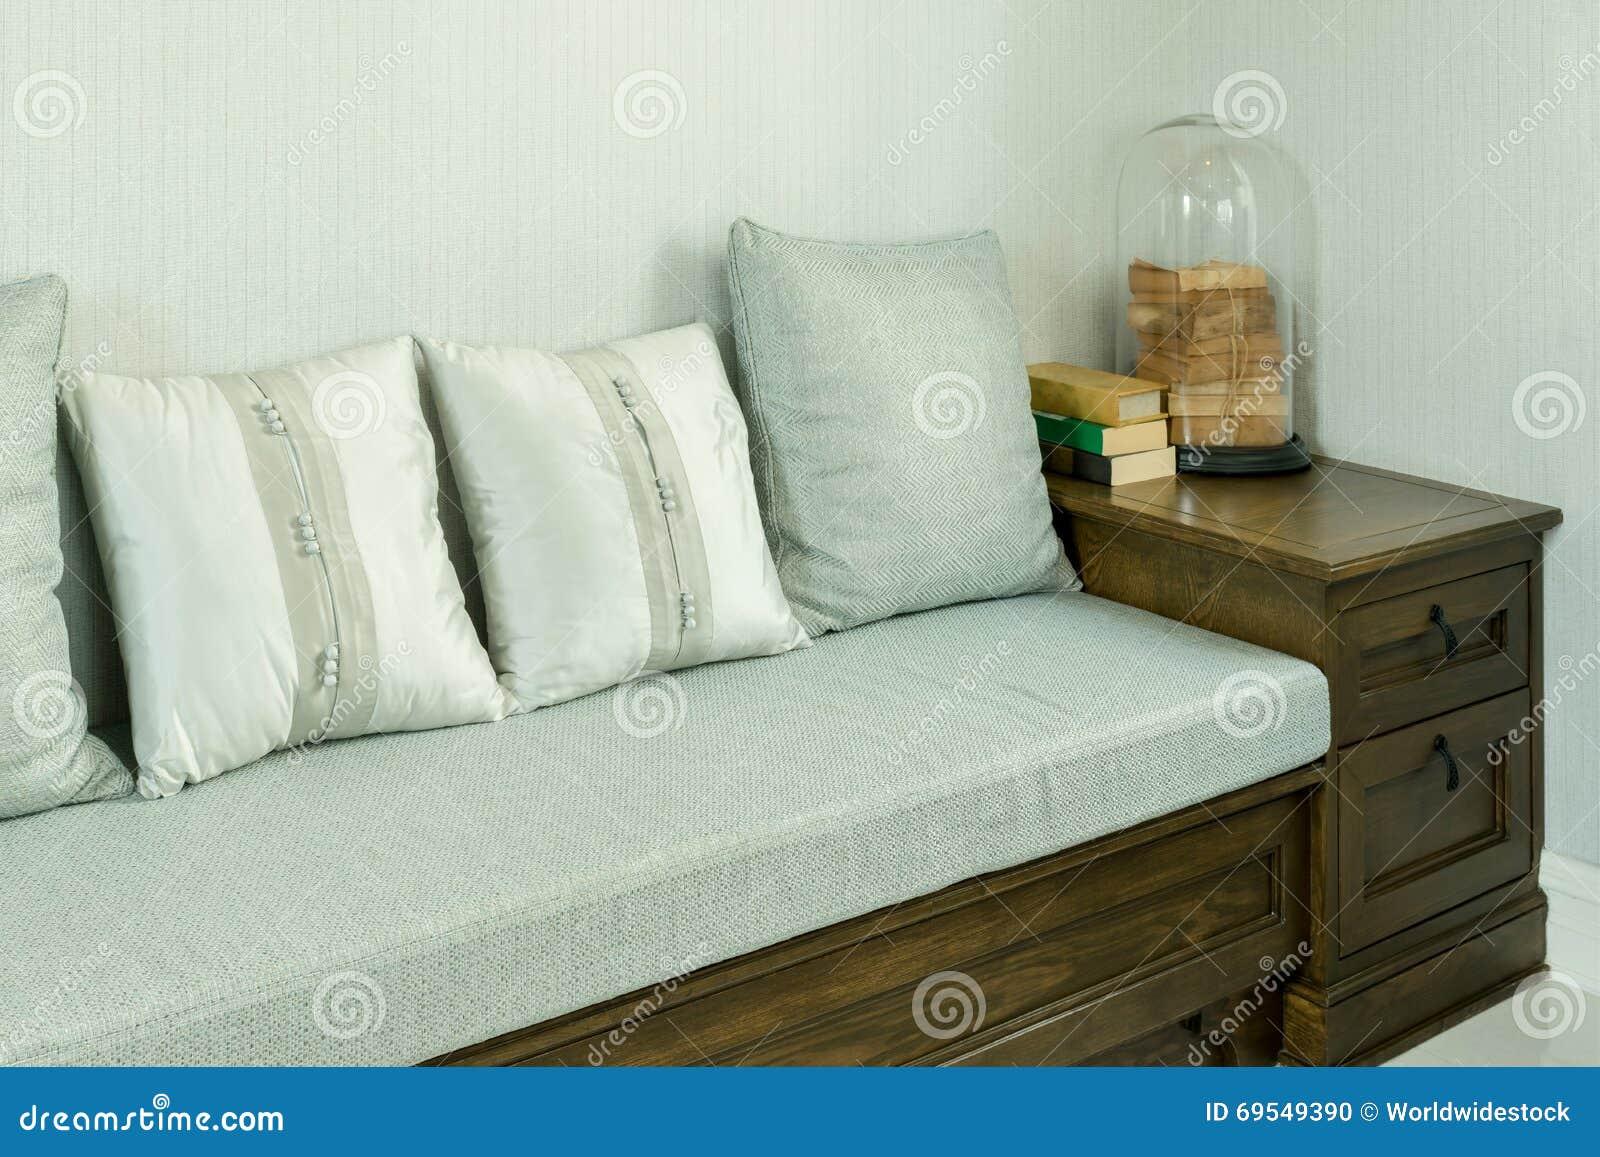 Vardagsrum med vit och grå färger kudde på träsoffan arkivfoto ...